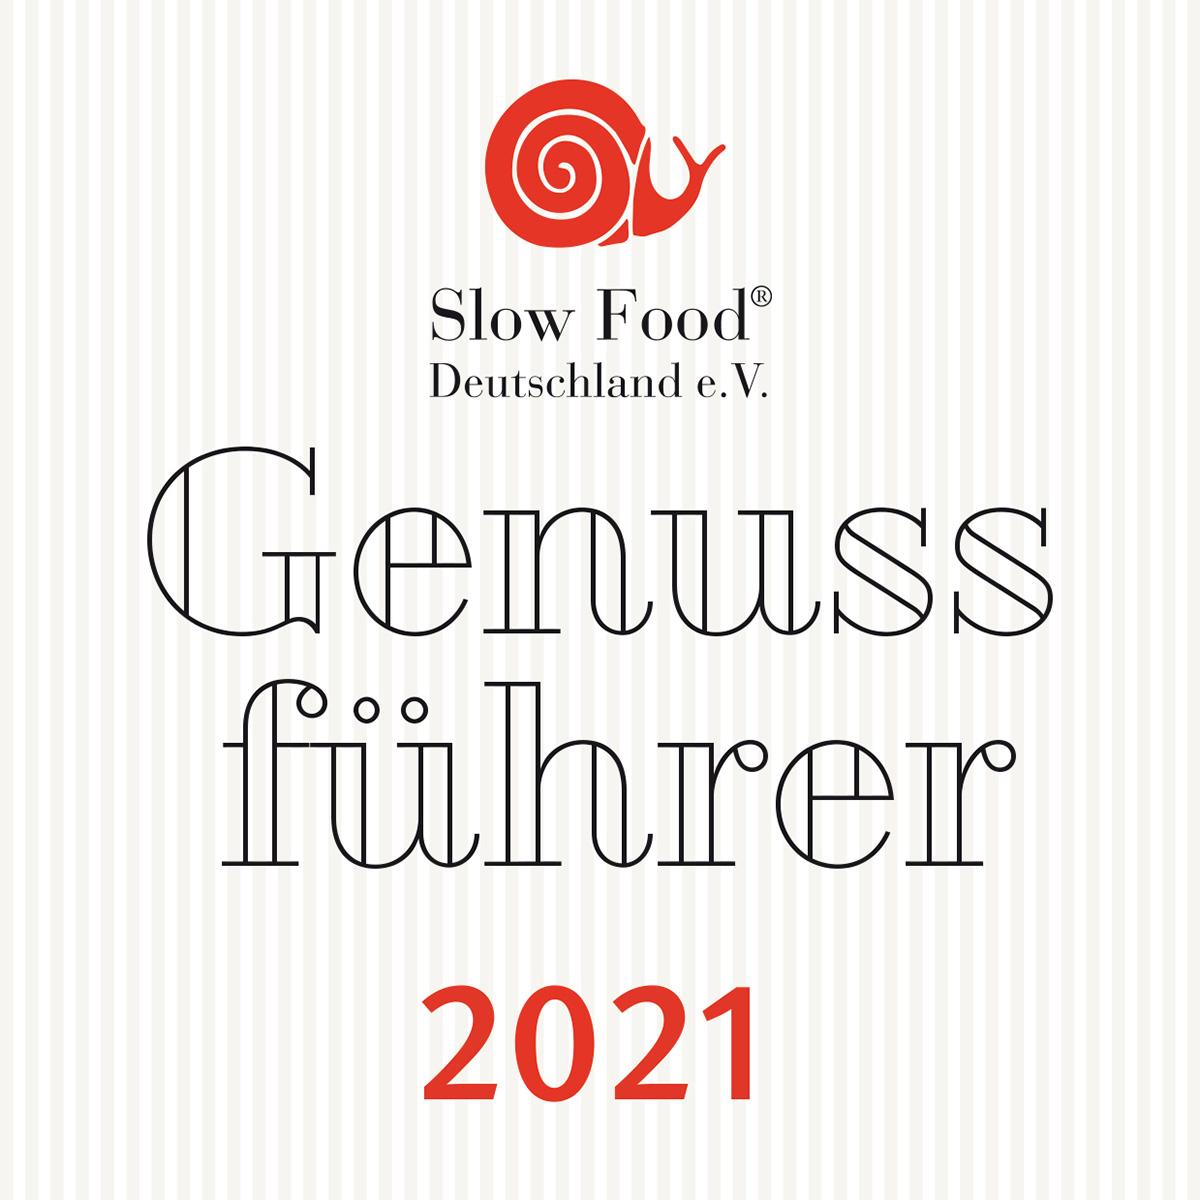 Genussführer Logo 2021